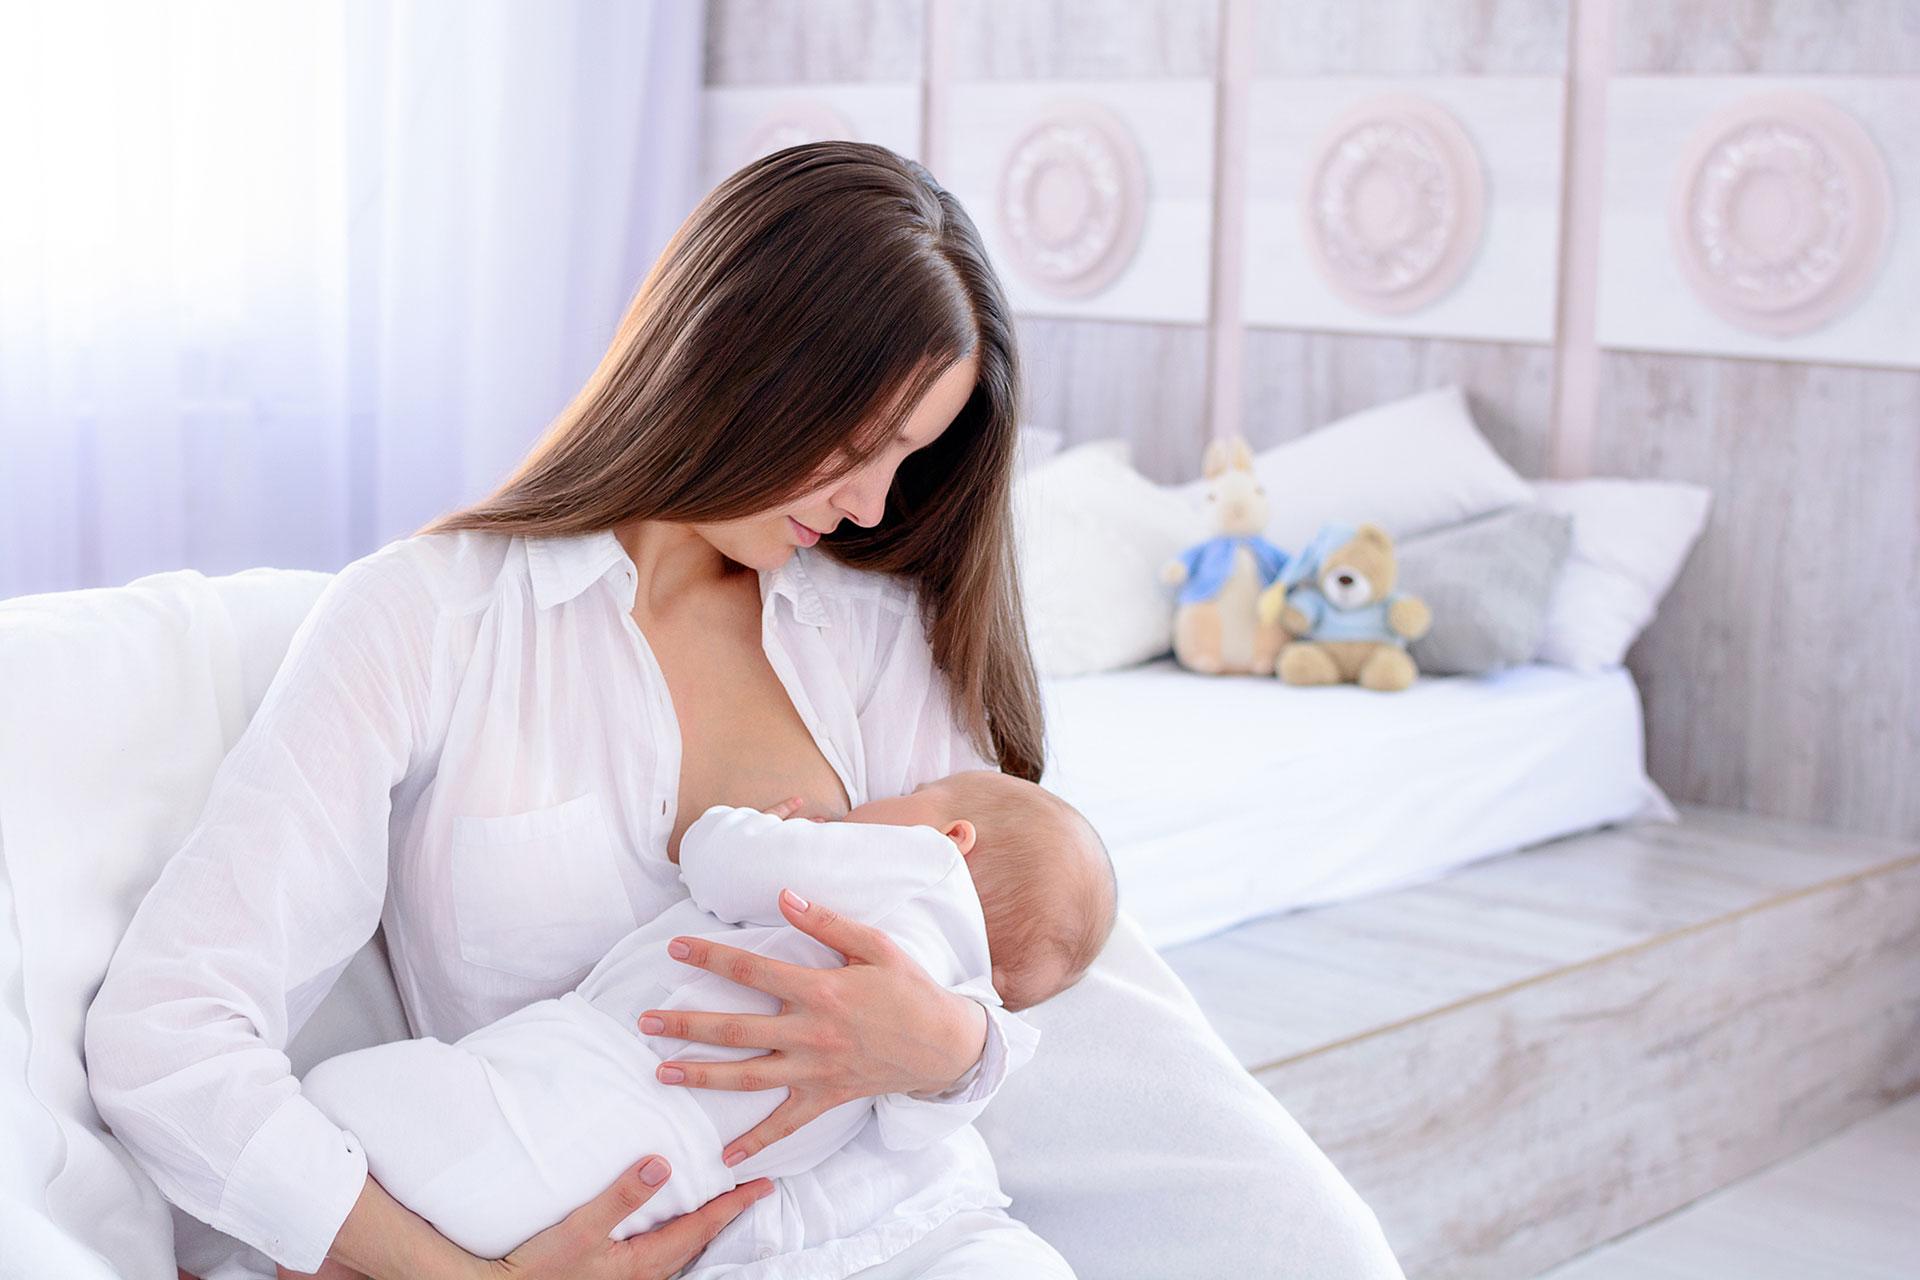 7 cambios psicológicos y sociales en la mujer cuando amamanta